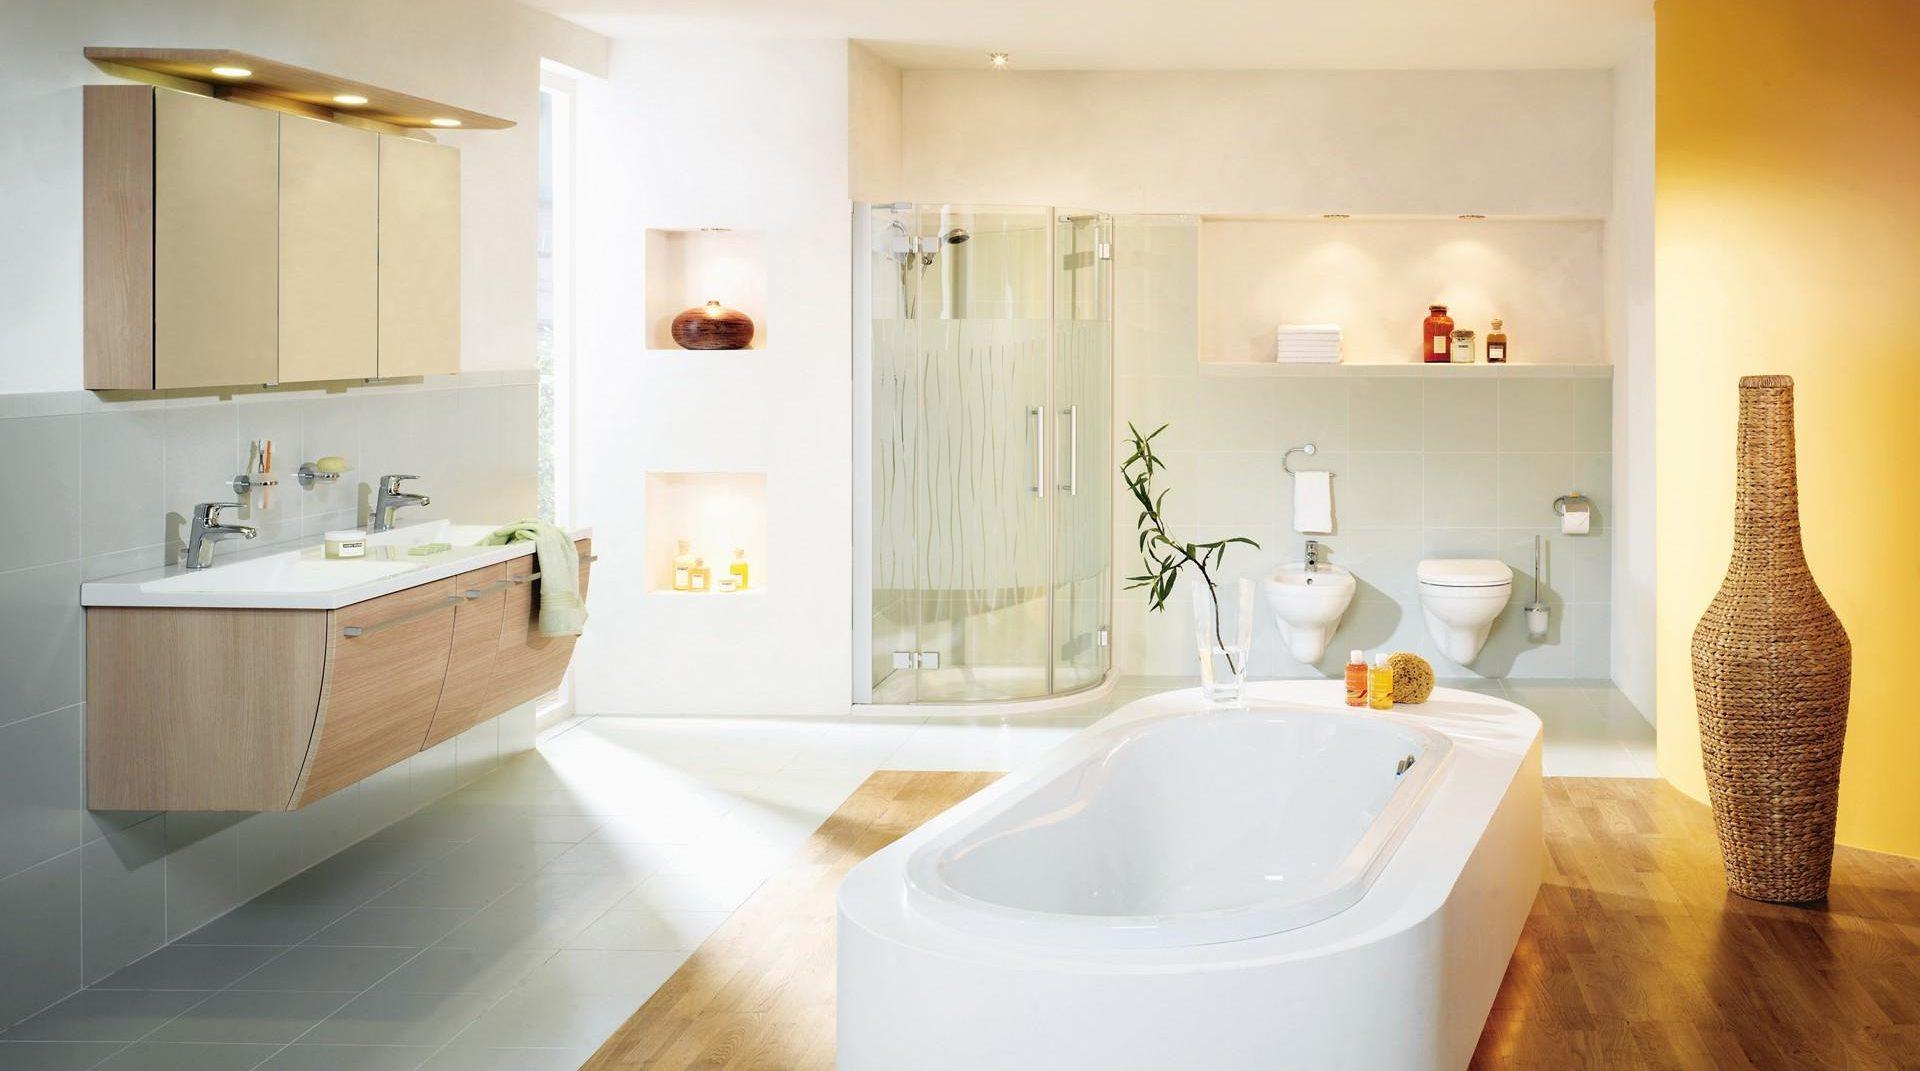 Ремонт квартир и ванных комнат под ключ - Срок ремонта вашей ванной комнаты и санузла составит около 4-5 недель. Работа с ответственным, проверенным человеком профессионалом своего дела сэкономит Вам нервы и деньги.